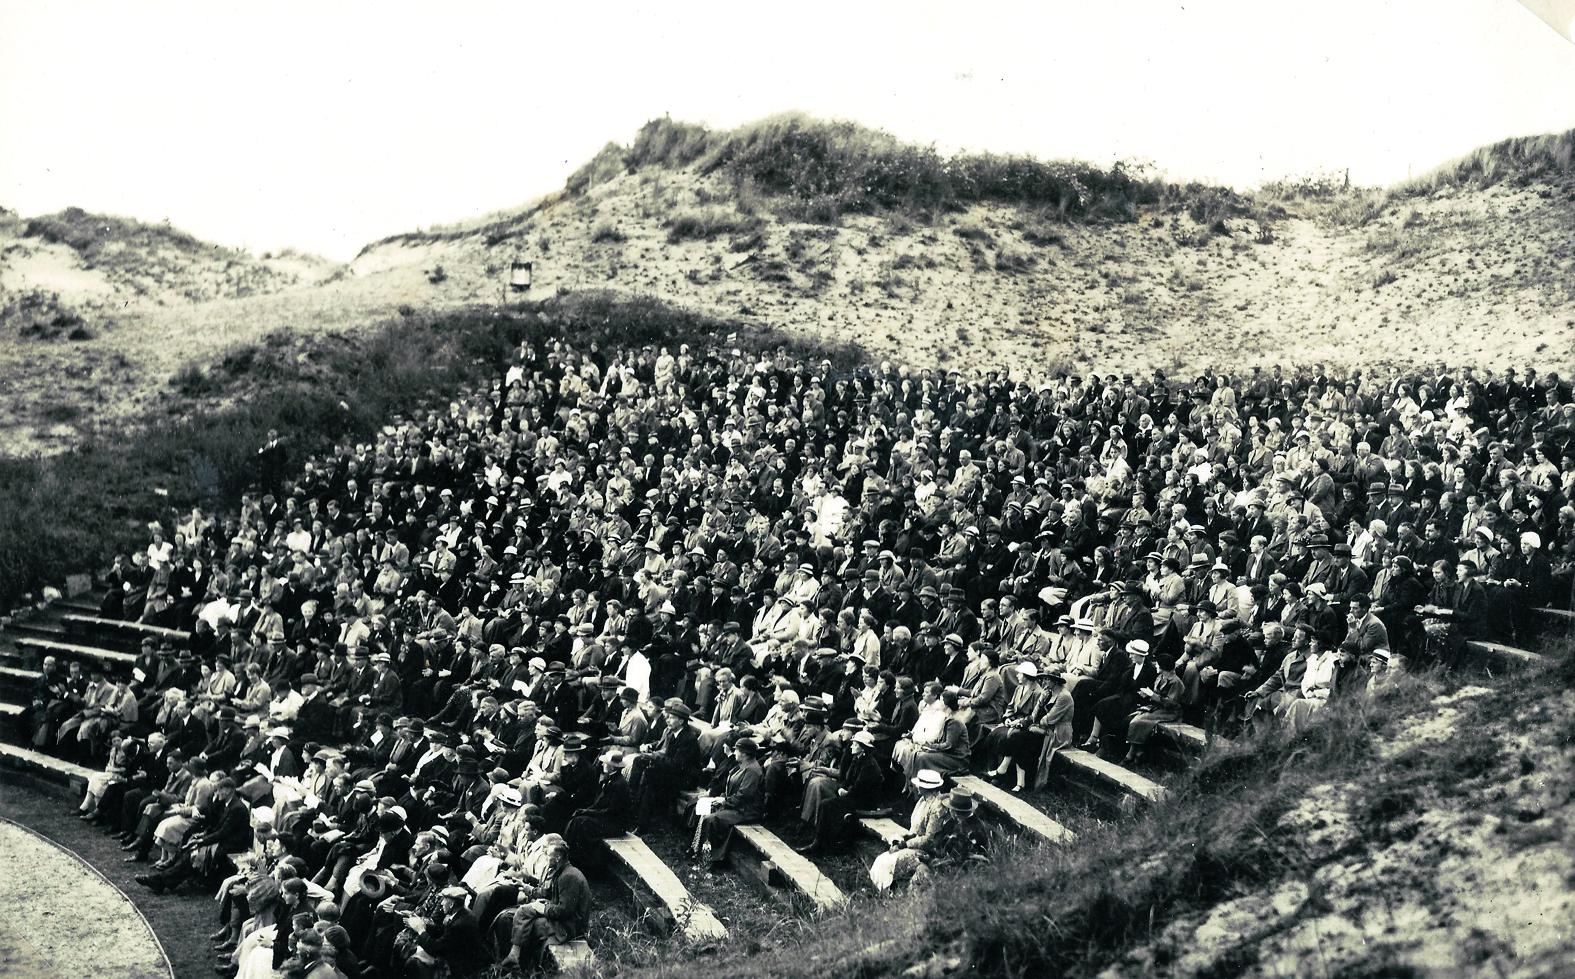 Openluchttheater in de duinen bij Duinvermaak,  jaren '50. (Foto: aangeleverd)